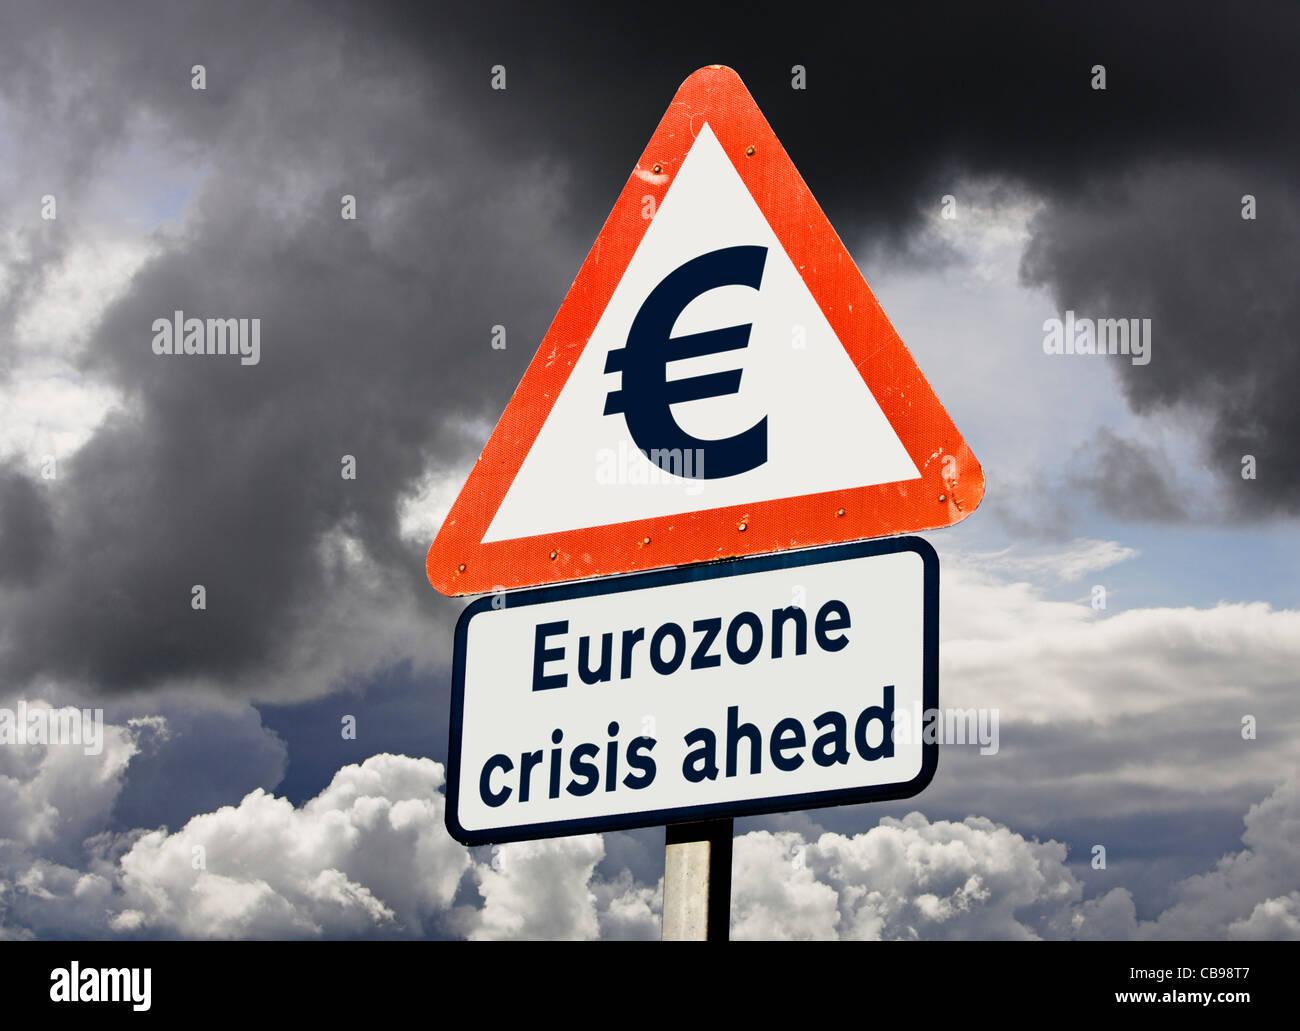 La eurozona Unión Europea UE deuda o crisis política amenaza romper concepto signo de advertencia contra Imagen De Stock